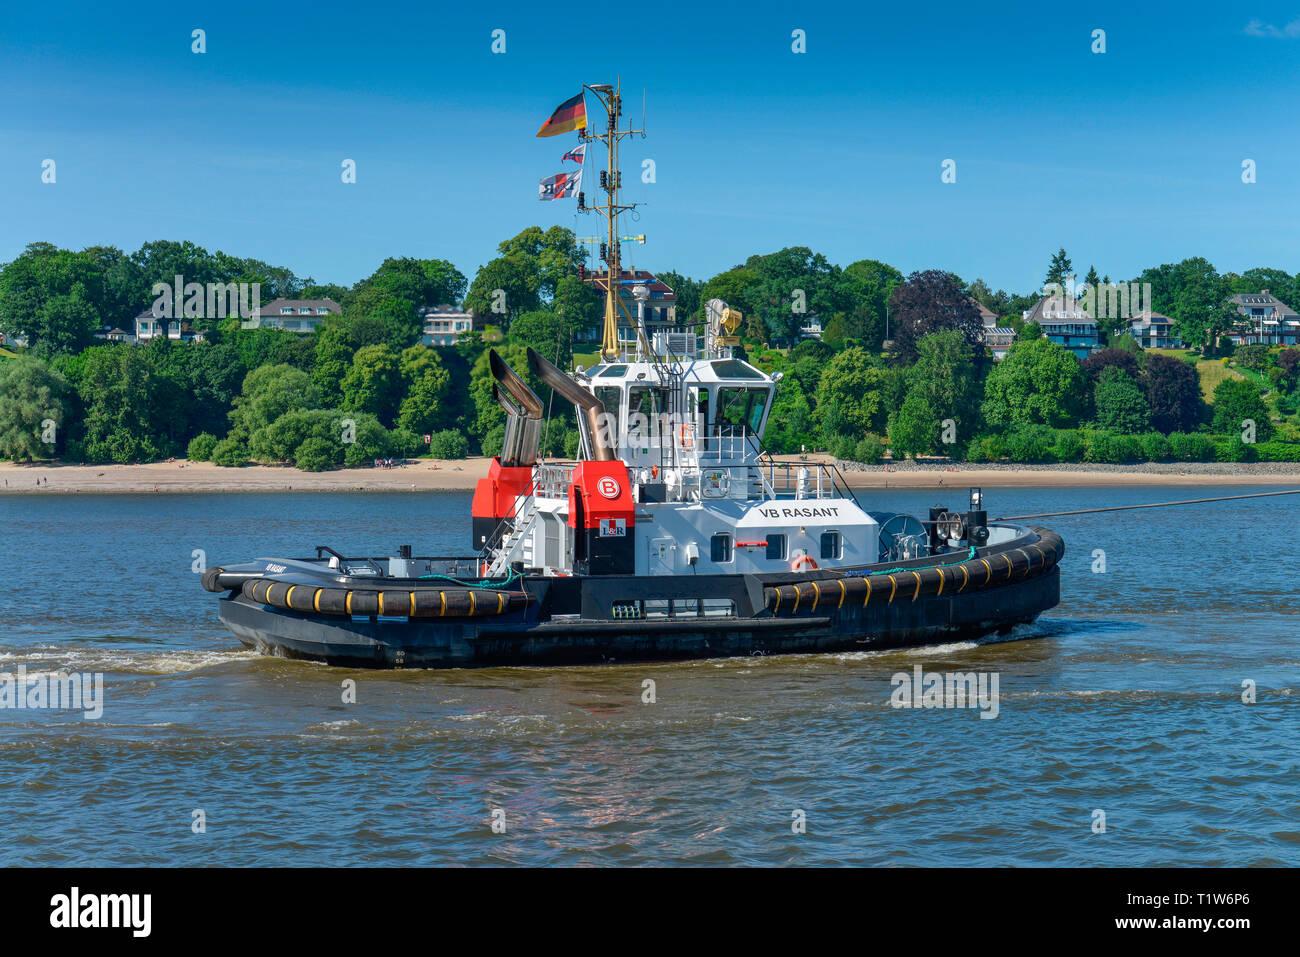 Schleppschiff, Elbe, Hamburg, Deutschland - Stock Image